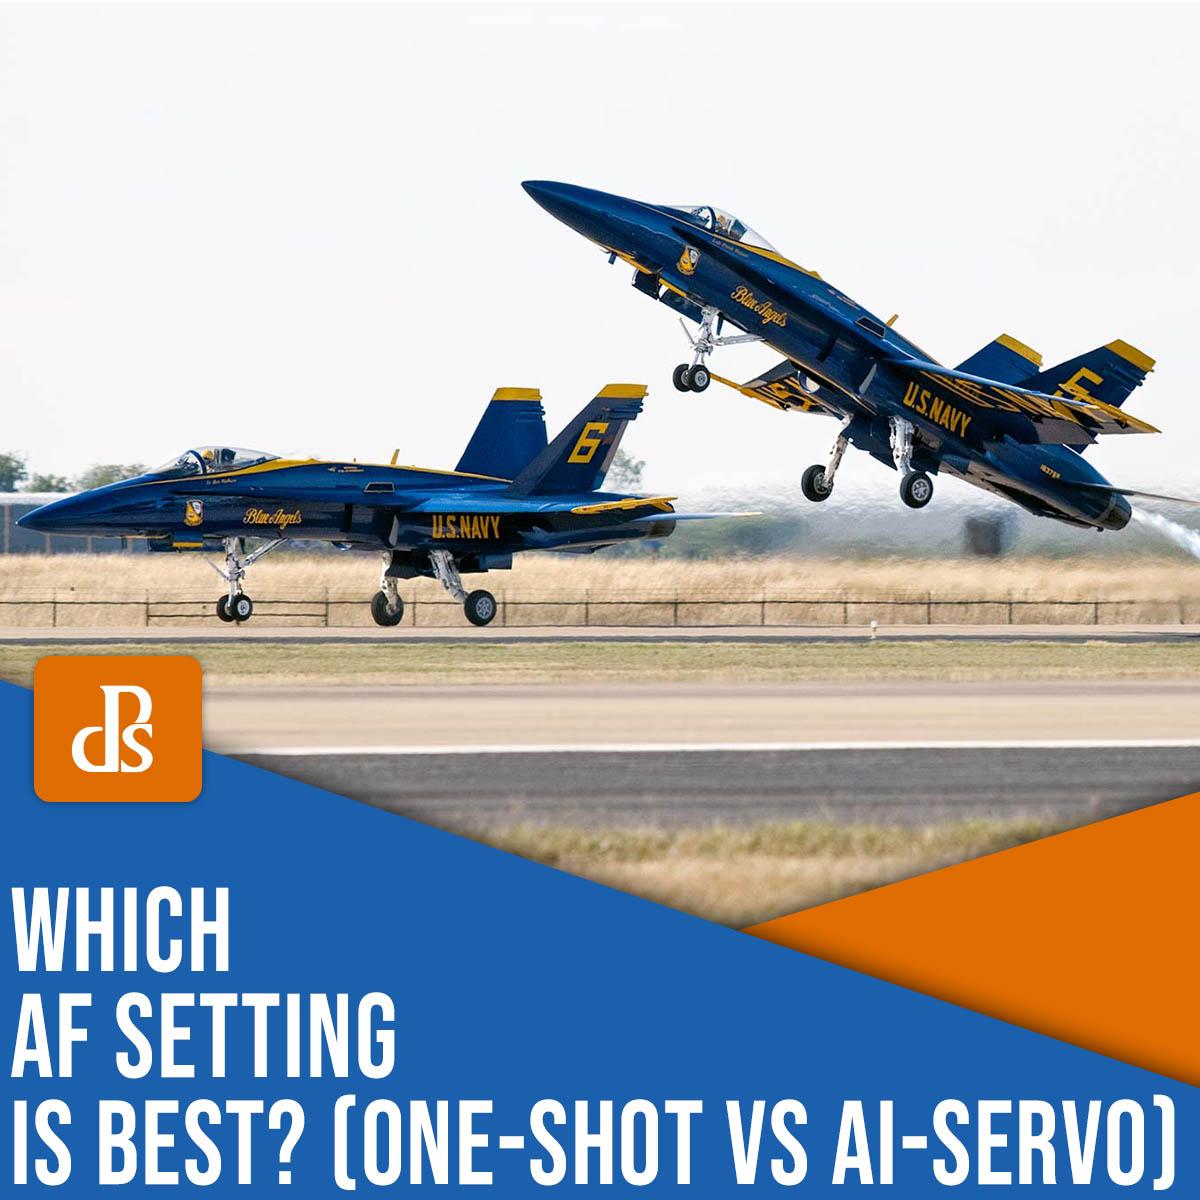 One-Shot vs AI-Servo